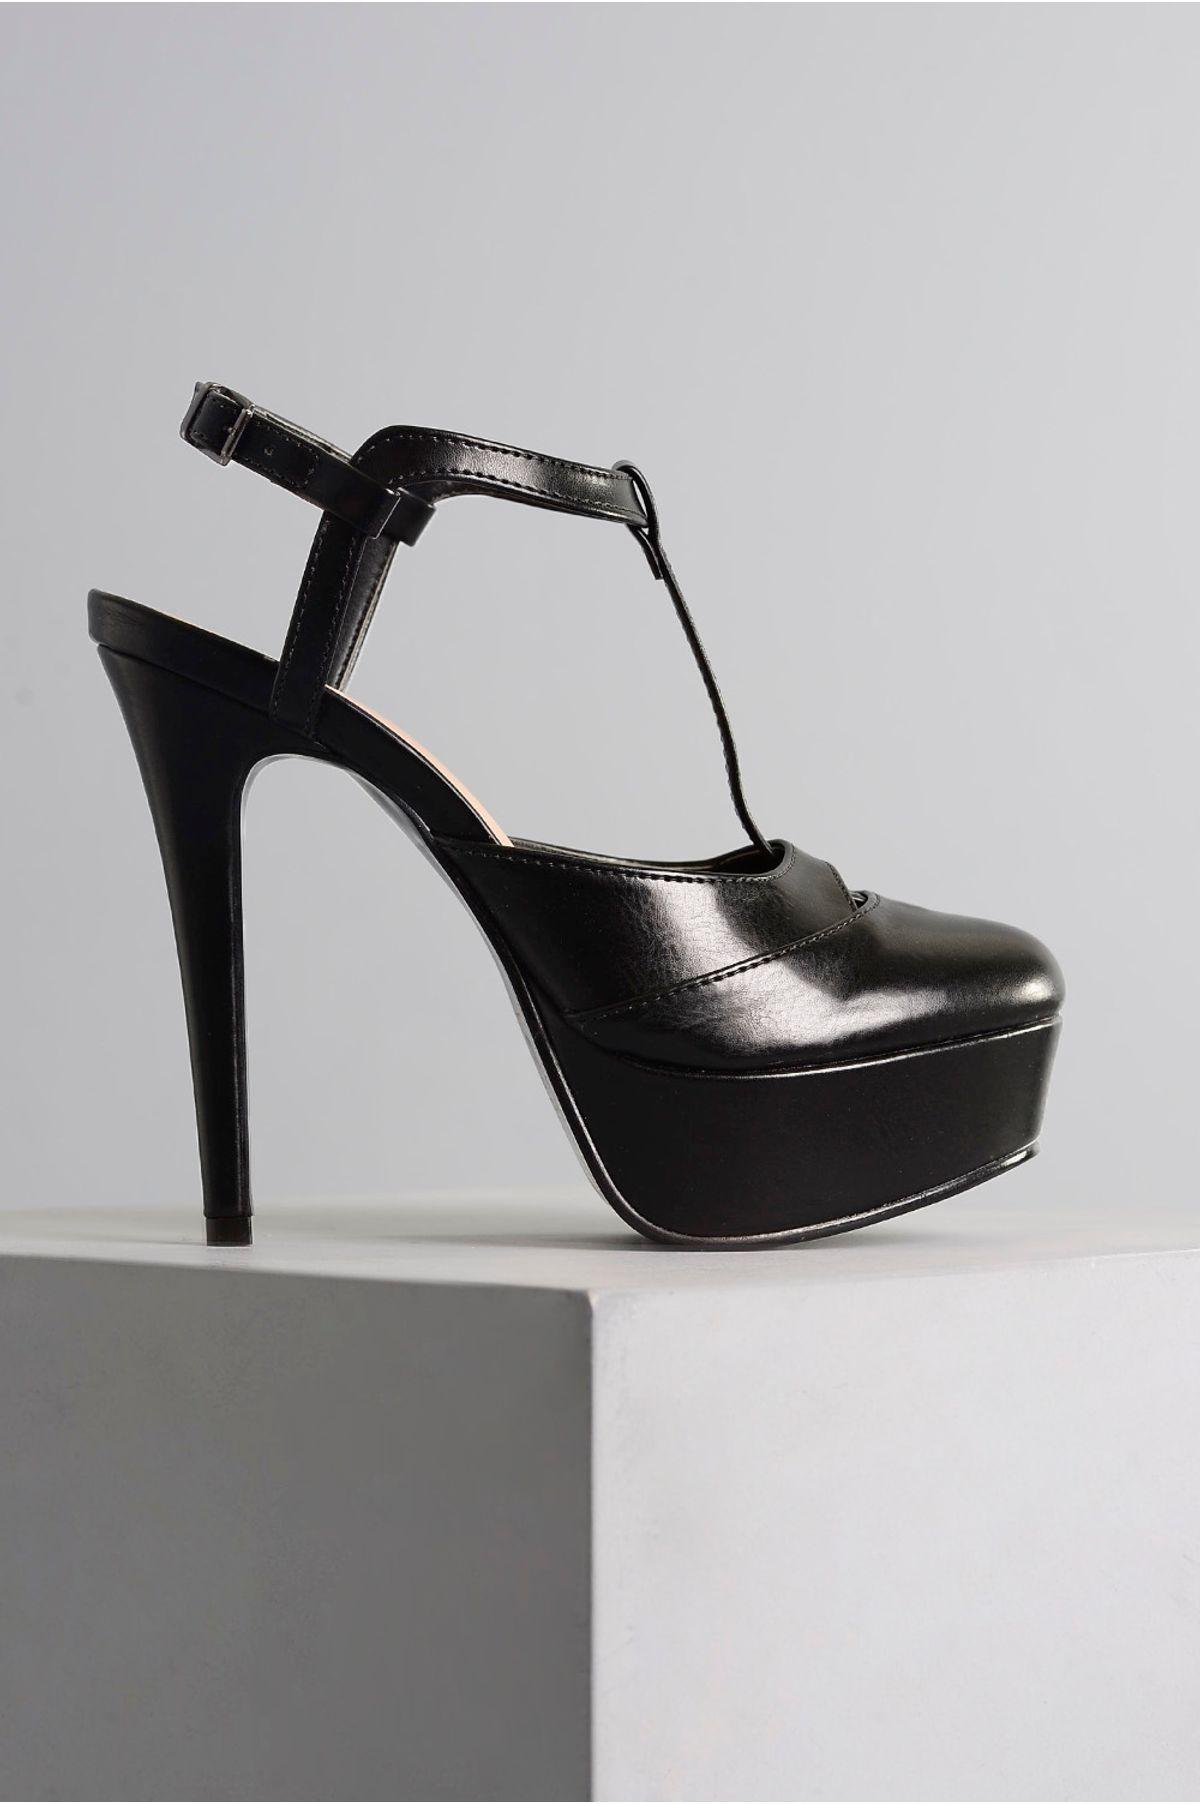 1a22e24e6f Sapato Feminino Salto Alto Karly Mundial PRETO - Mundial Calçados